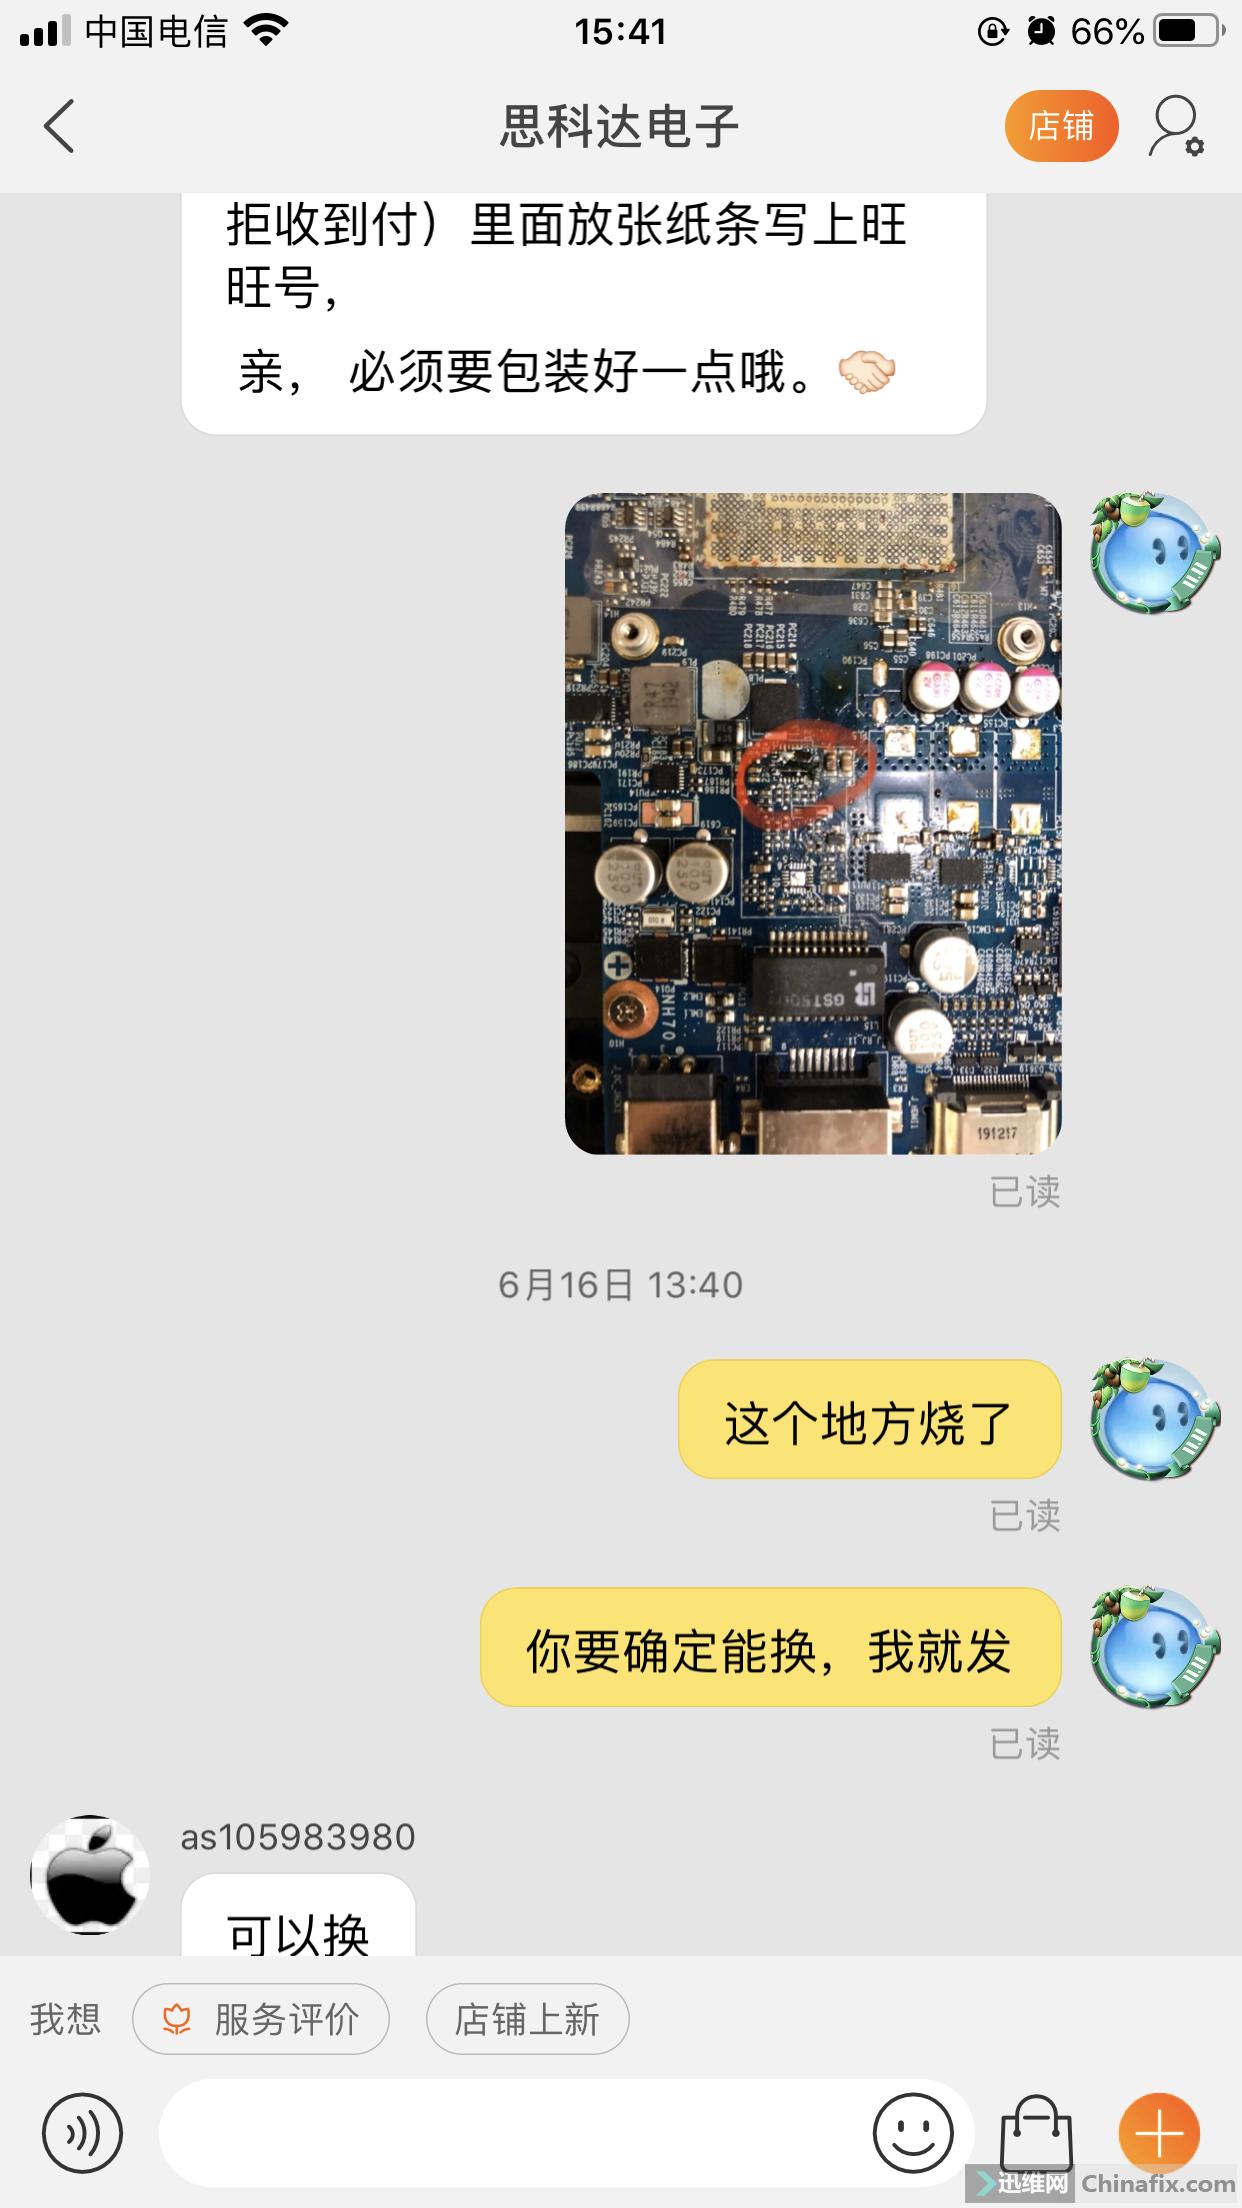 微信图片_20210627183548.png